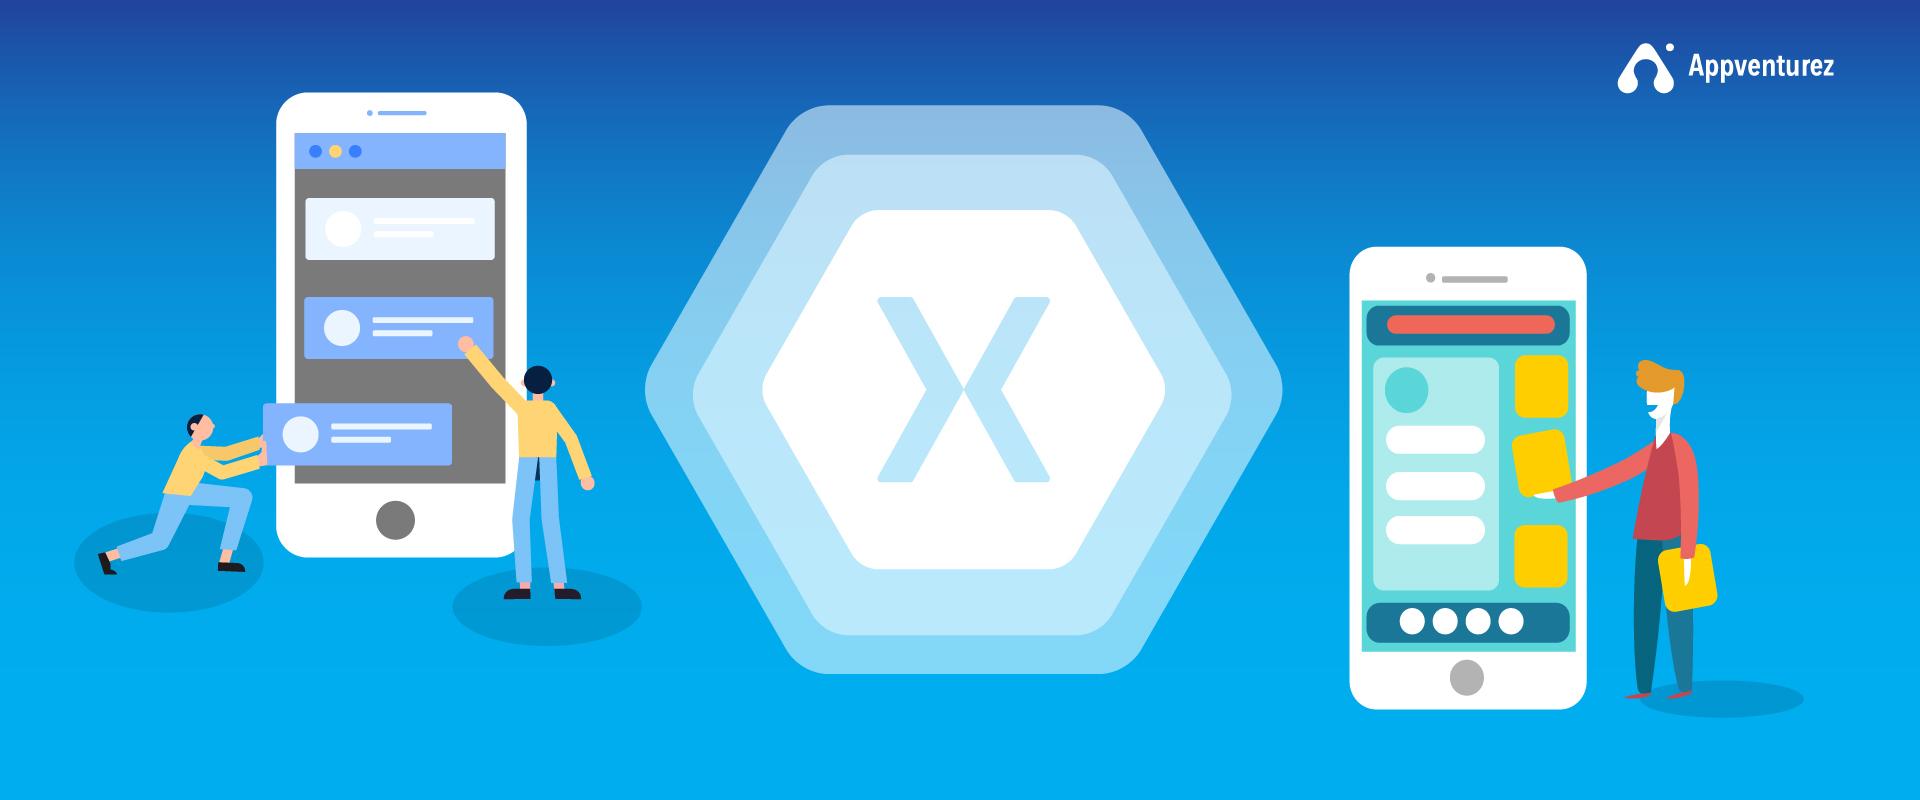 Xamarin Cross-platform App Development